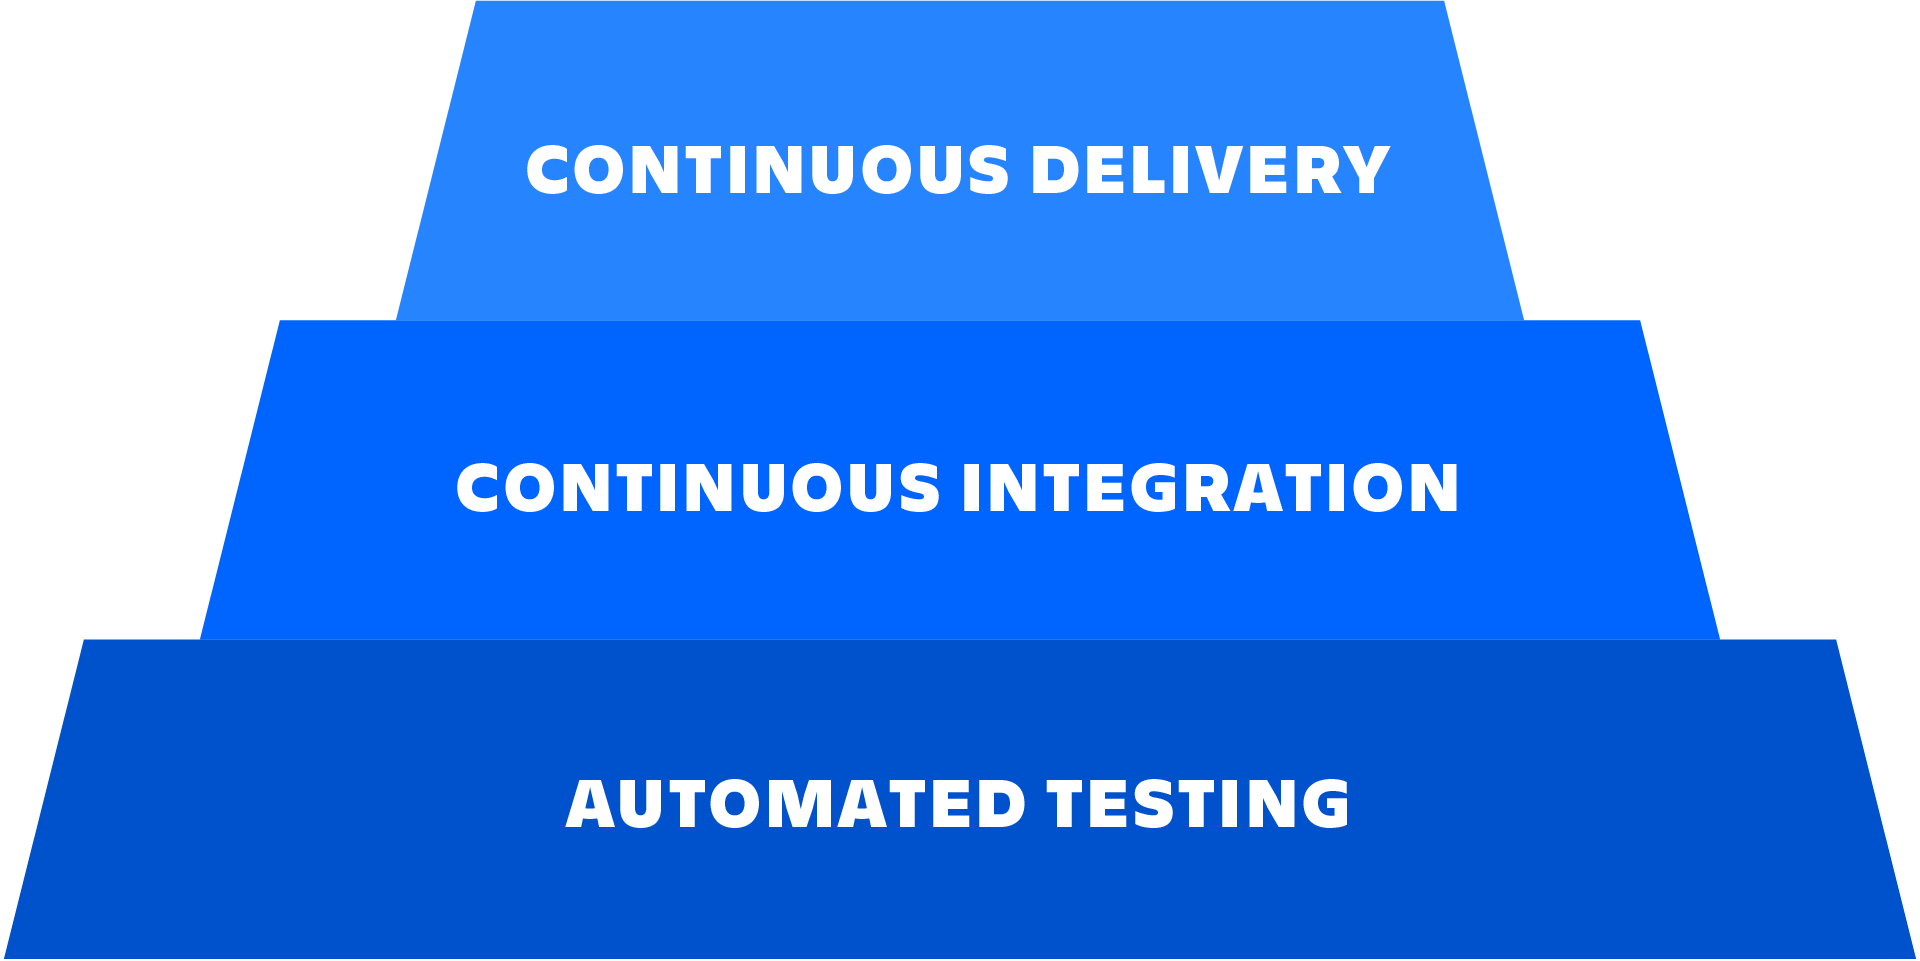 Схема взаимосвязей между автоматическим тестированием, непрерывной интеграцией и непрерывной поставкой.